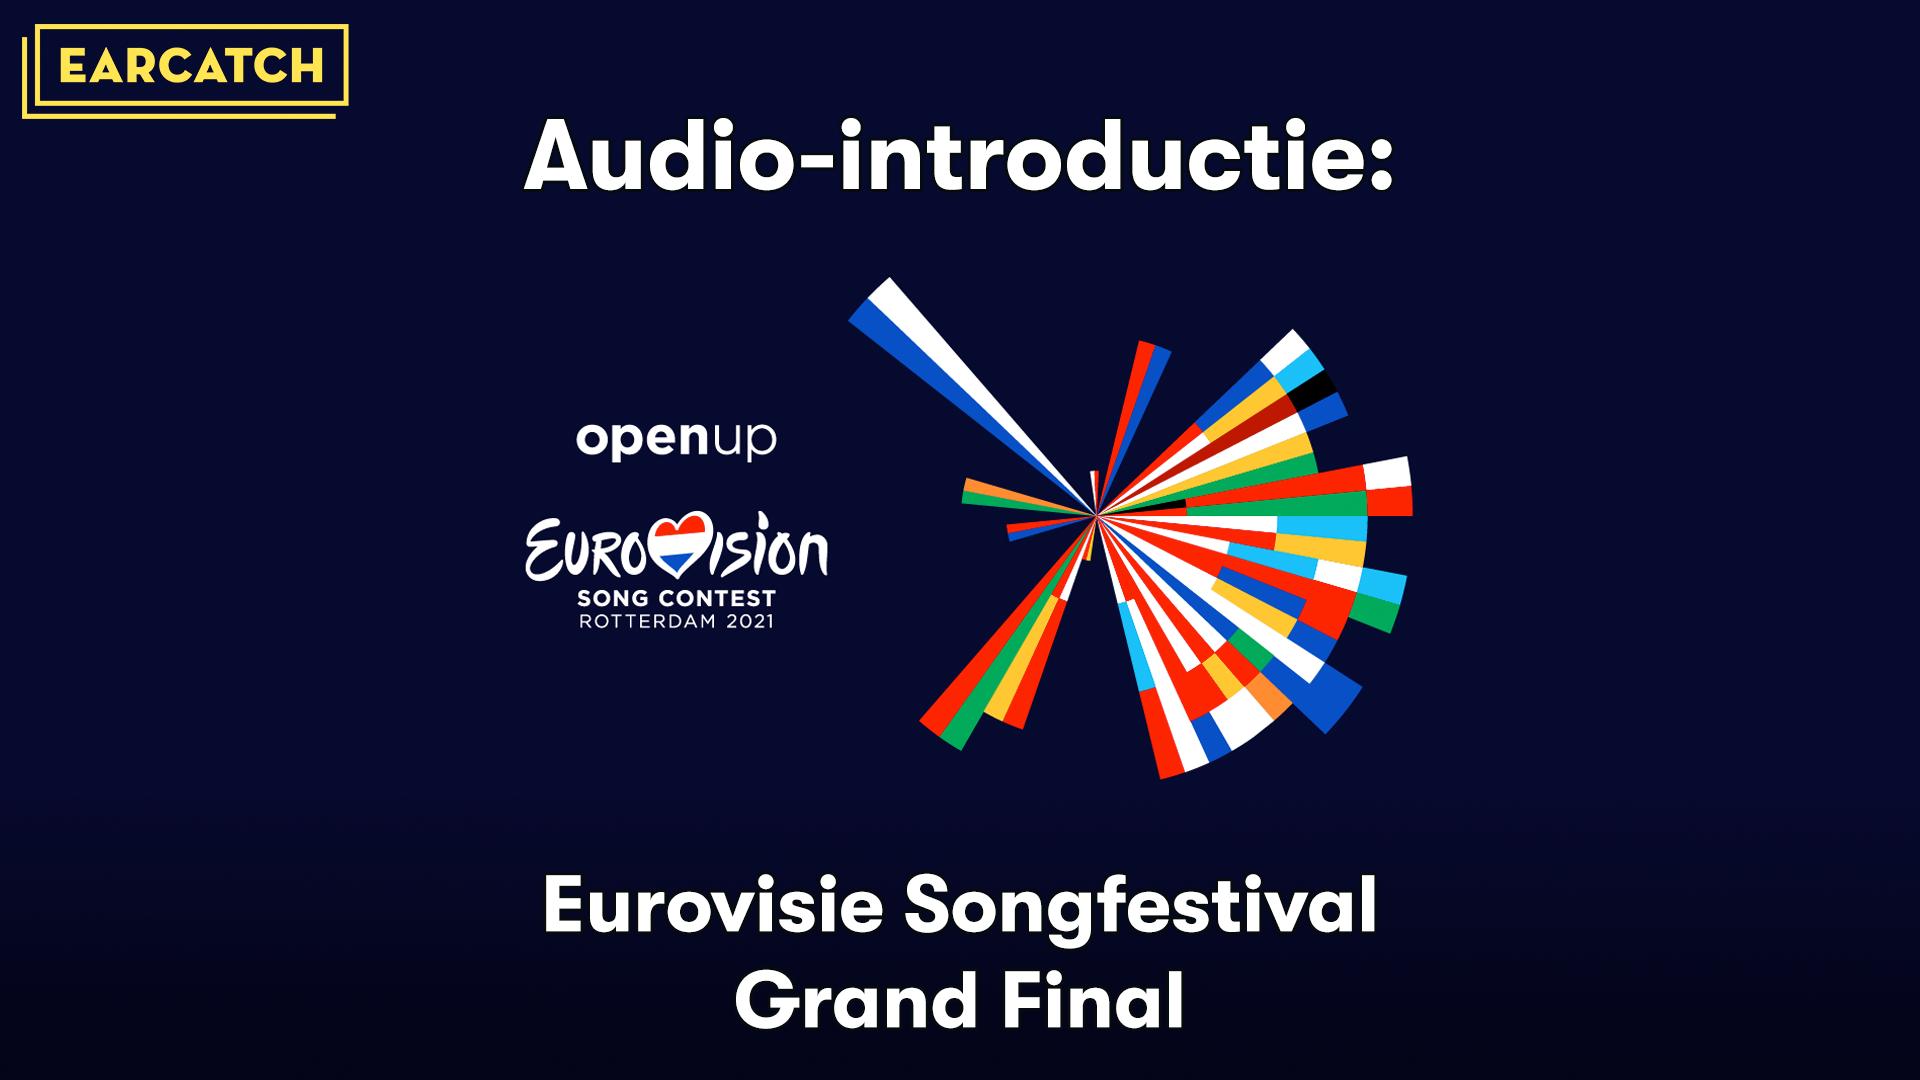 Video: Audio-introductie bij de Grand Final van het Eurovisie Songfestival 2021.